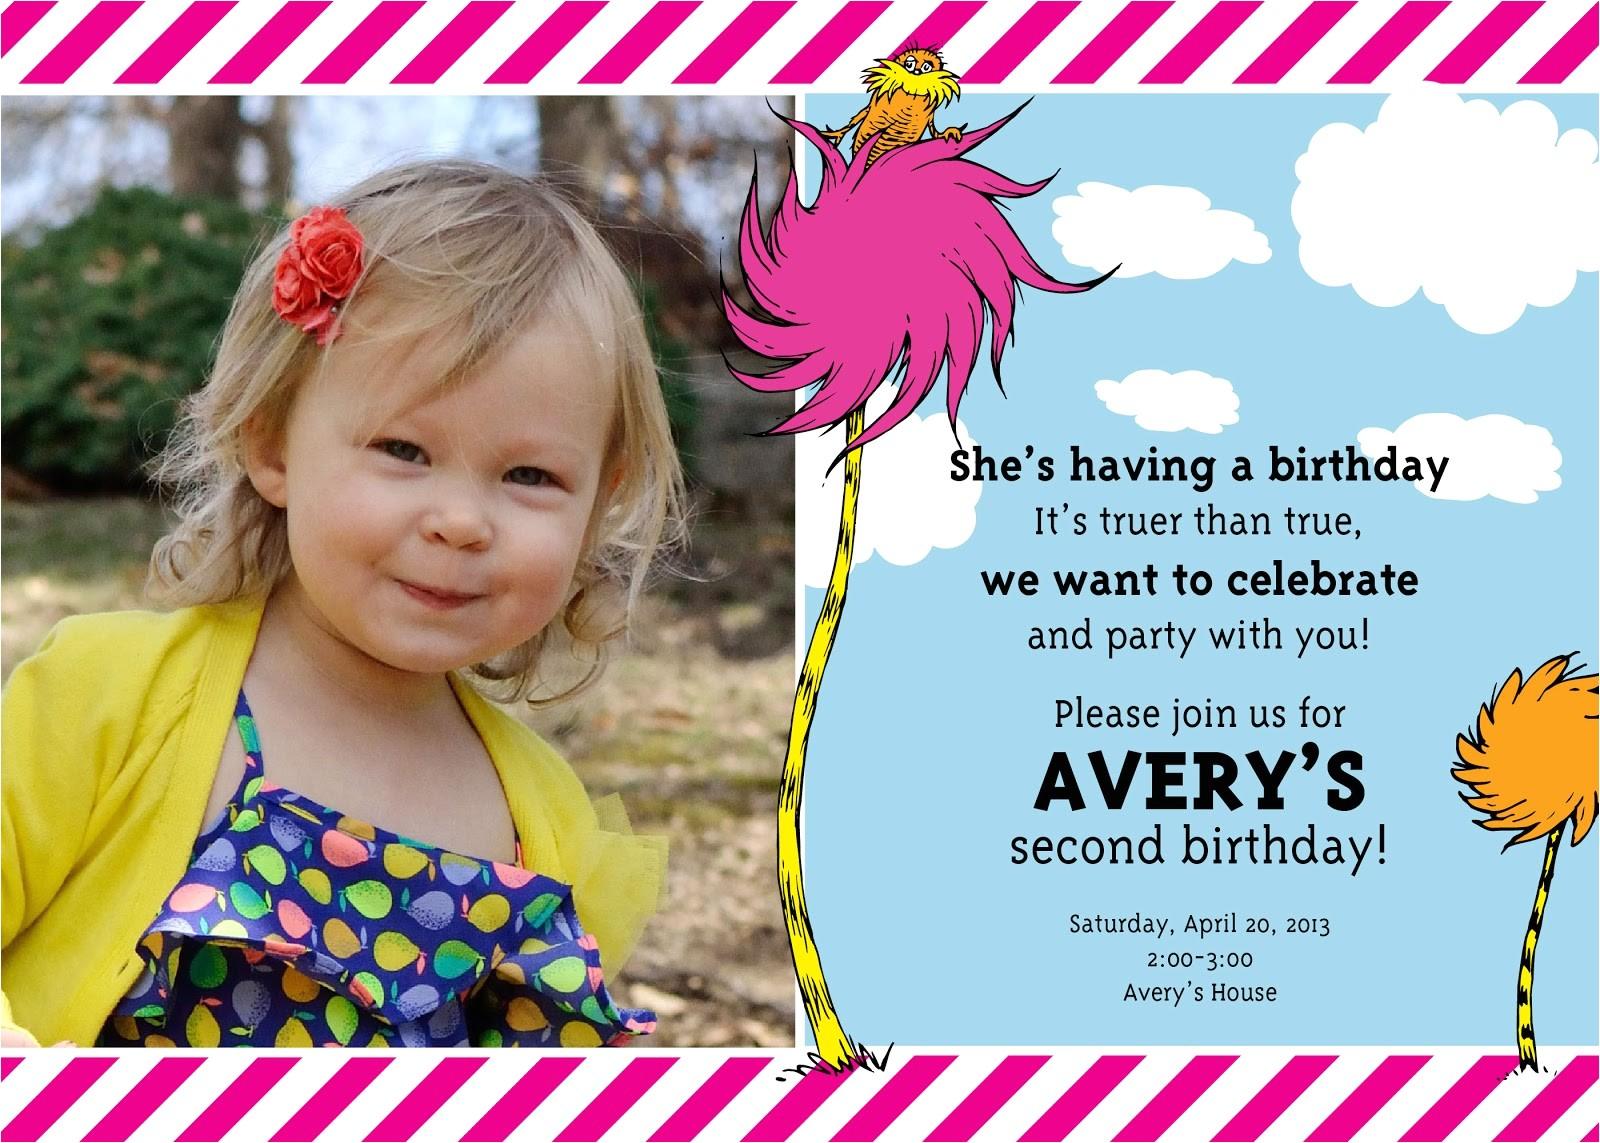 averys 2nd birthdaya lorax party